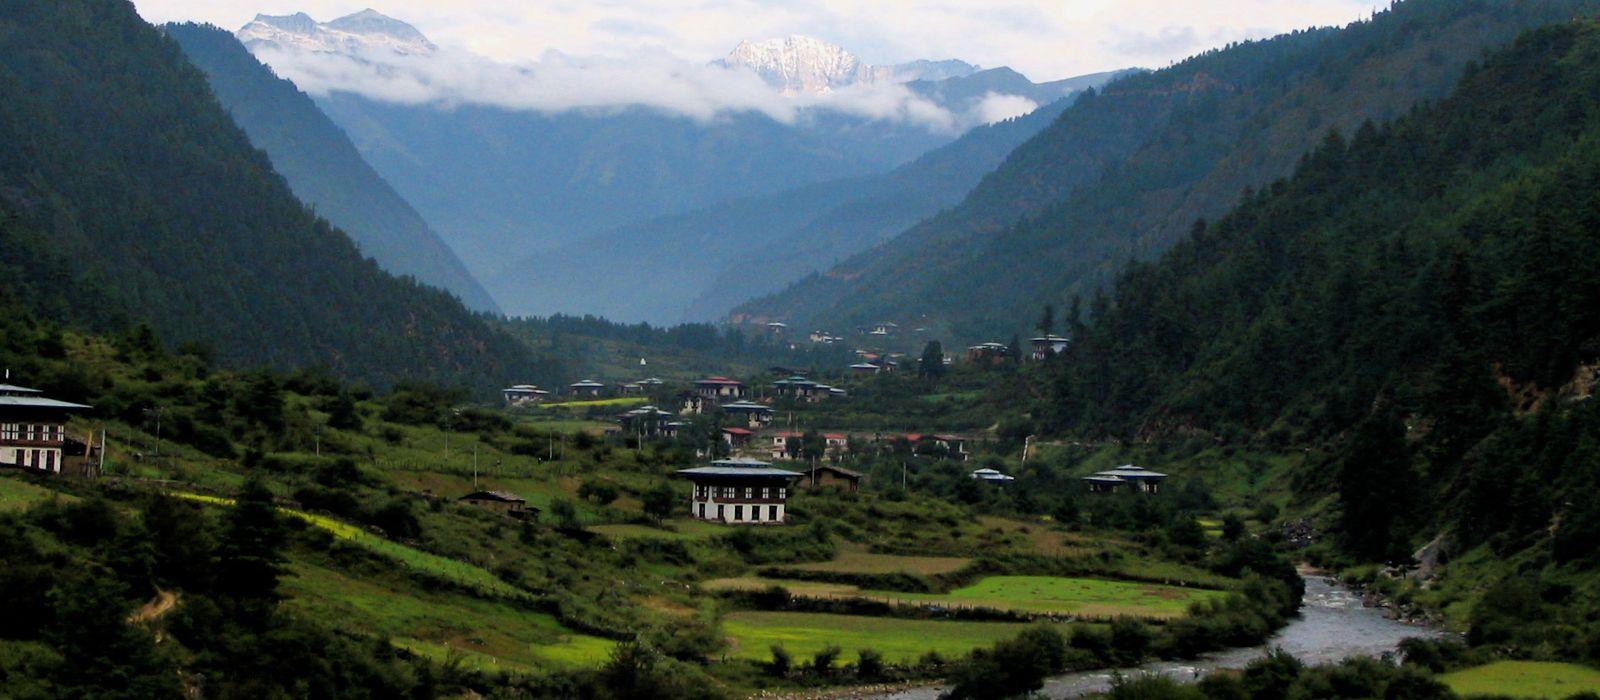 Reiseziel Haa Valley Bhutan